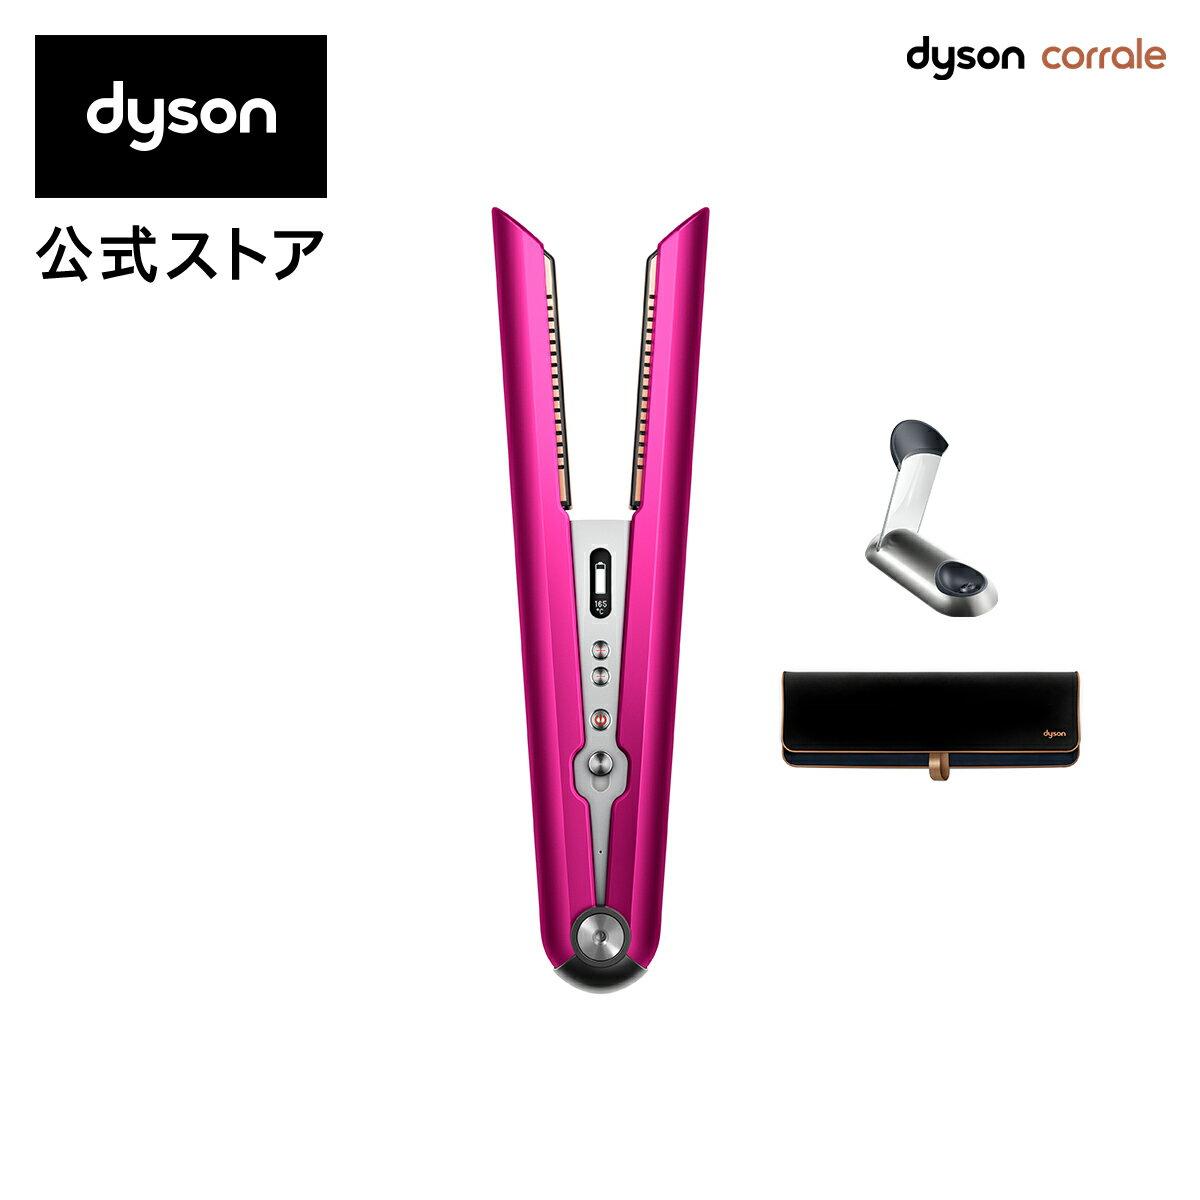 【6/23新発売】ダイソンDysonCorrale[HS03FBN]ダイソンコラール(フューシャ/ブライトニッケル)ヘアアイロンヘアケア